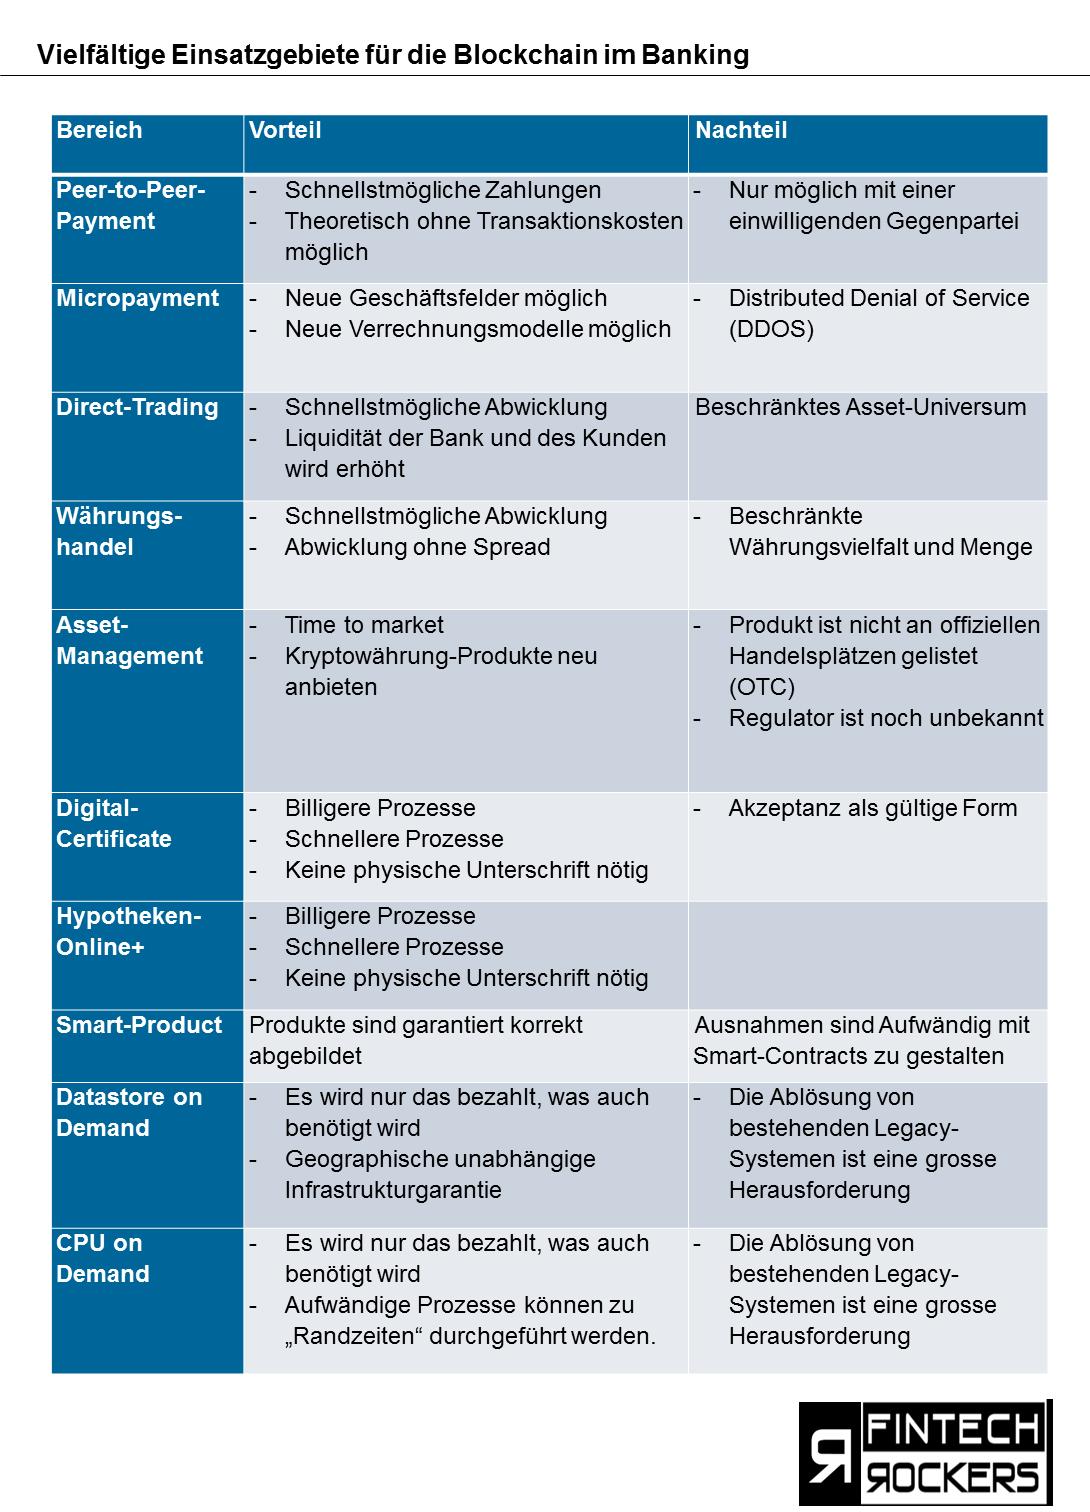 Einsatzgebiete von Blockchain im Banking